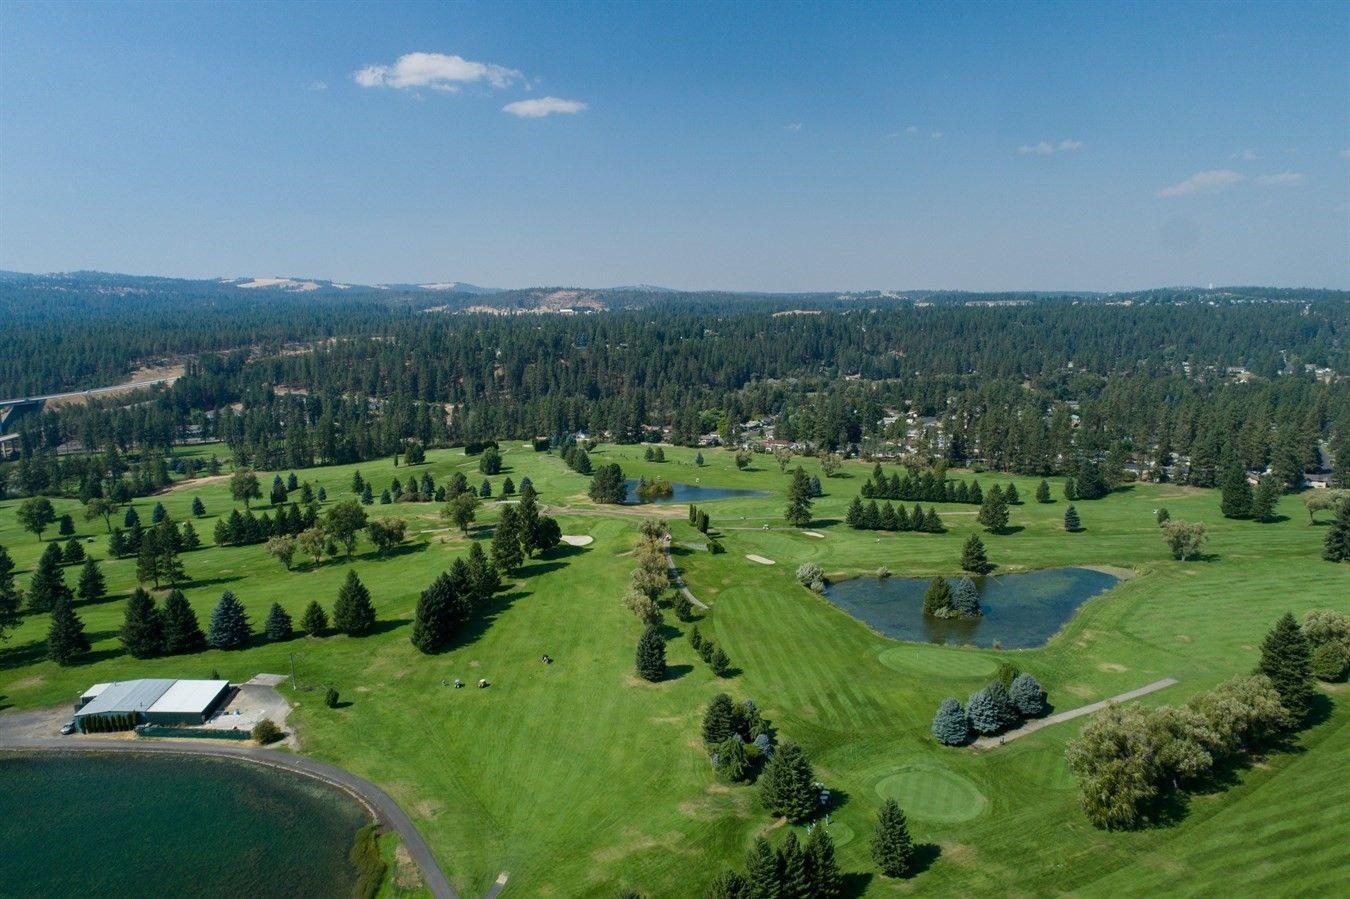 Wandermere Golf Course In Spokane Washington Golf Courses Top Golf Courses Golf